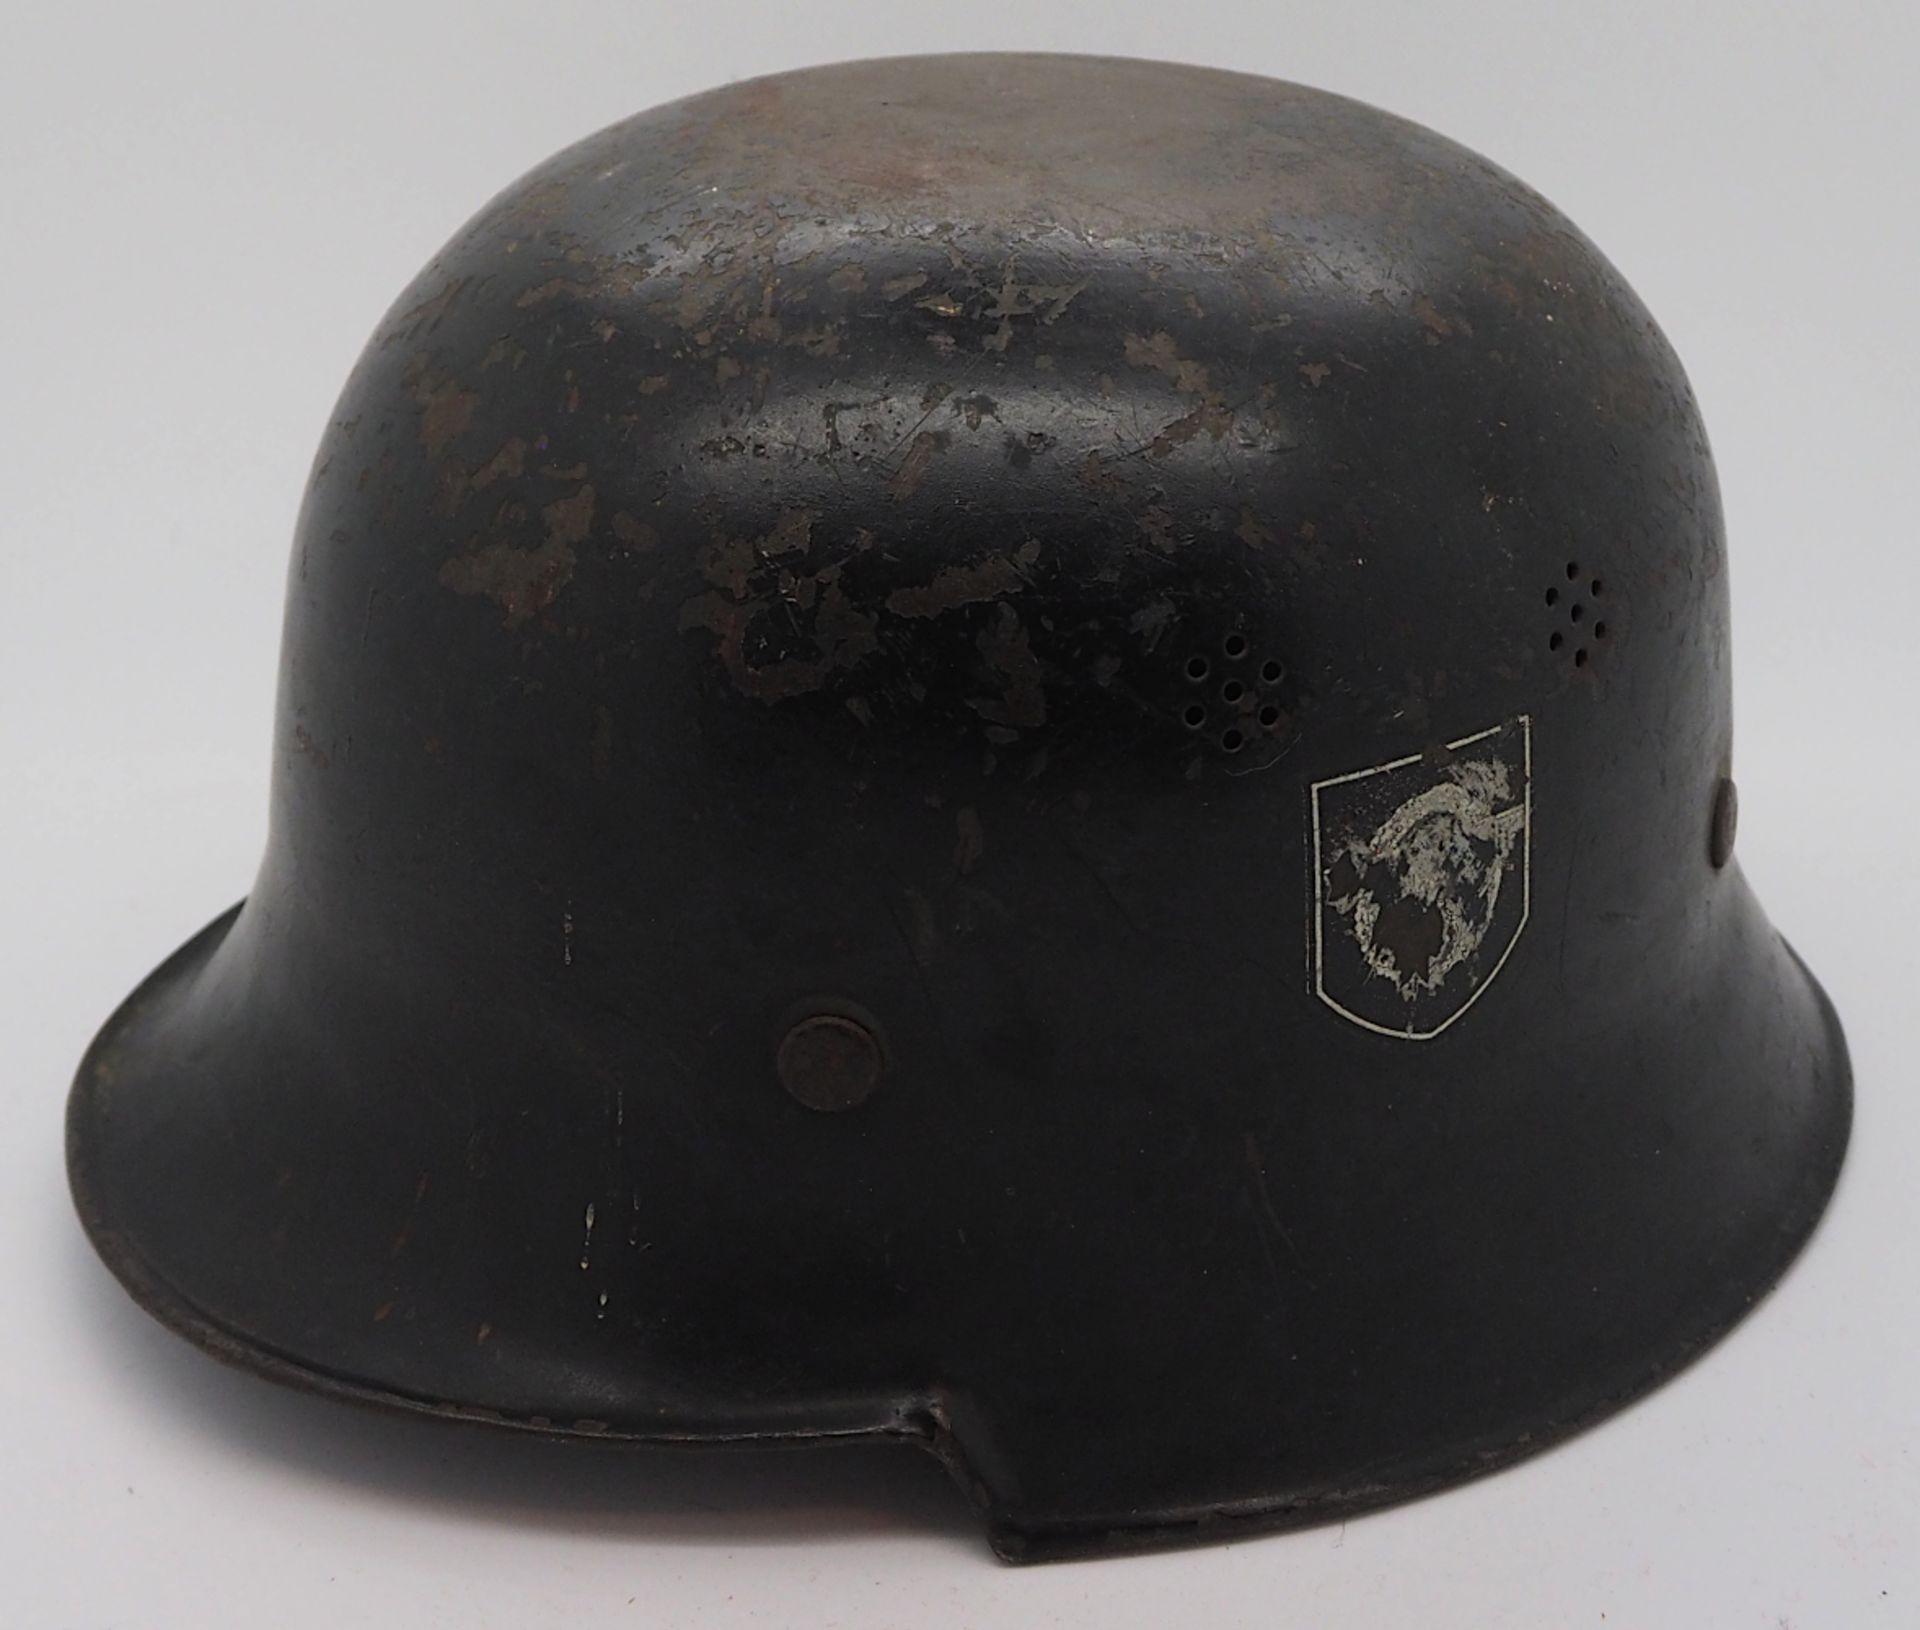 1 Konv. Militaria 3. Reich u.a., 1 Stahlhelm mit Lederinnenfutter, Wehrmacht, entnazifiziert - Bild 3 aus 8